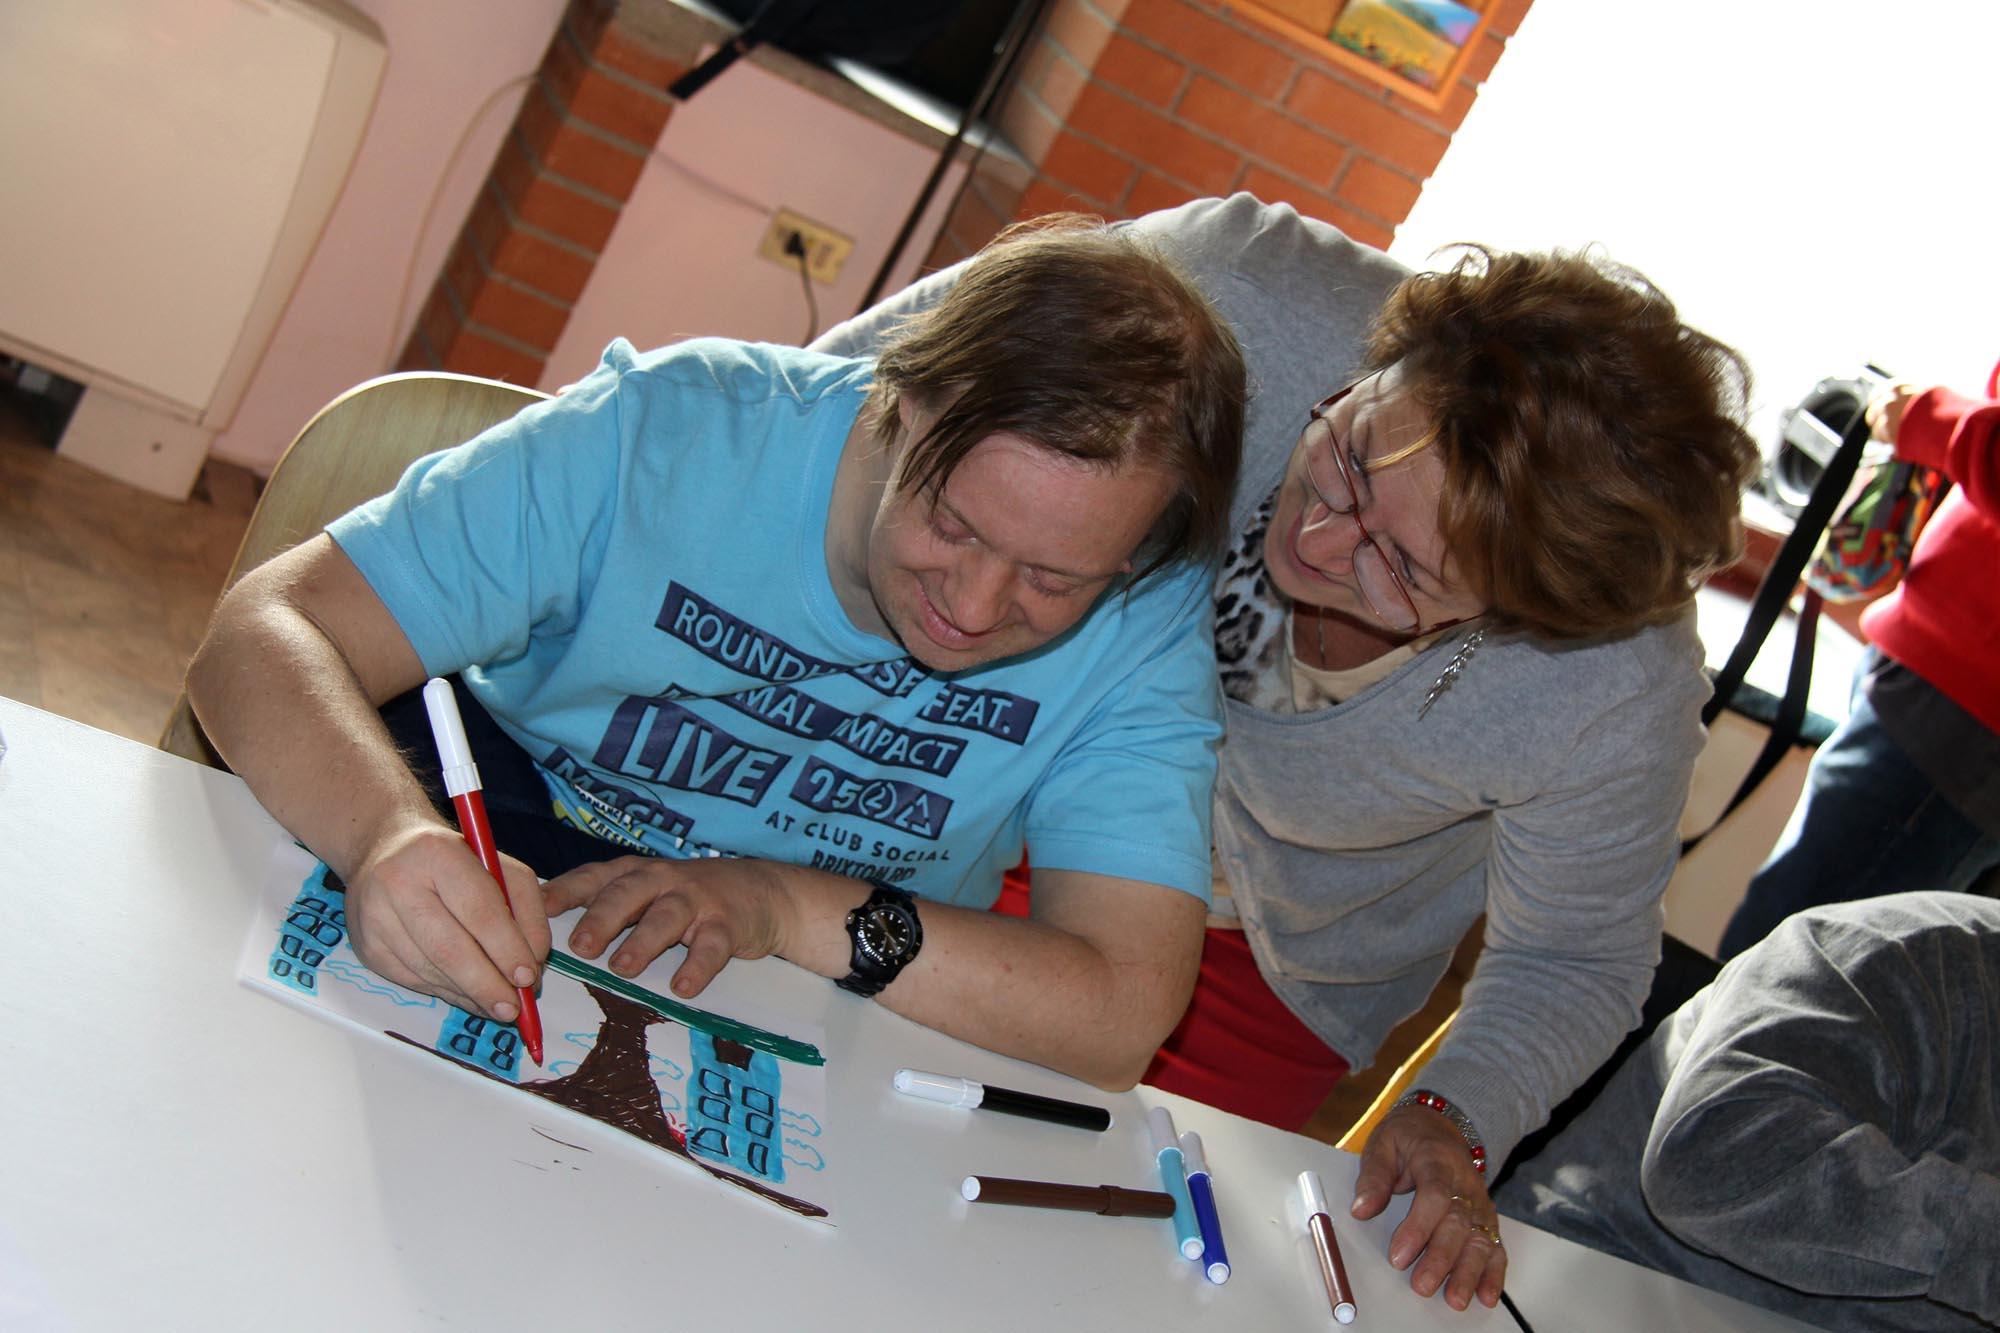 0412 Volontaria in attivita creative con disabili - Assistenza malati e disabili